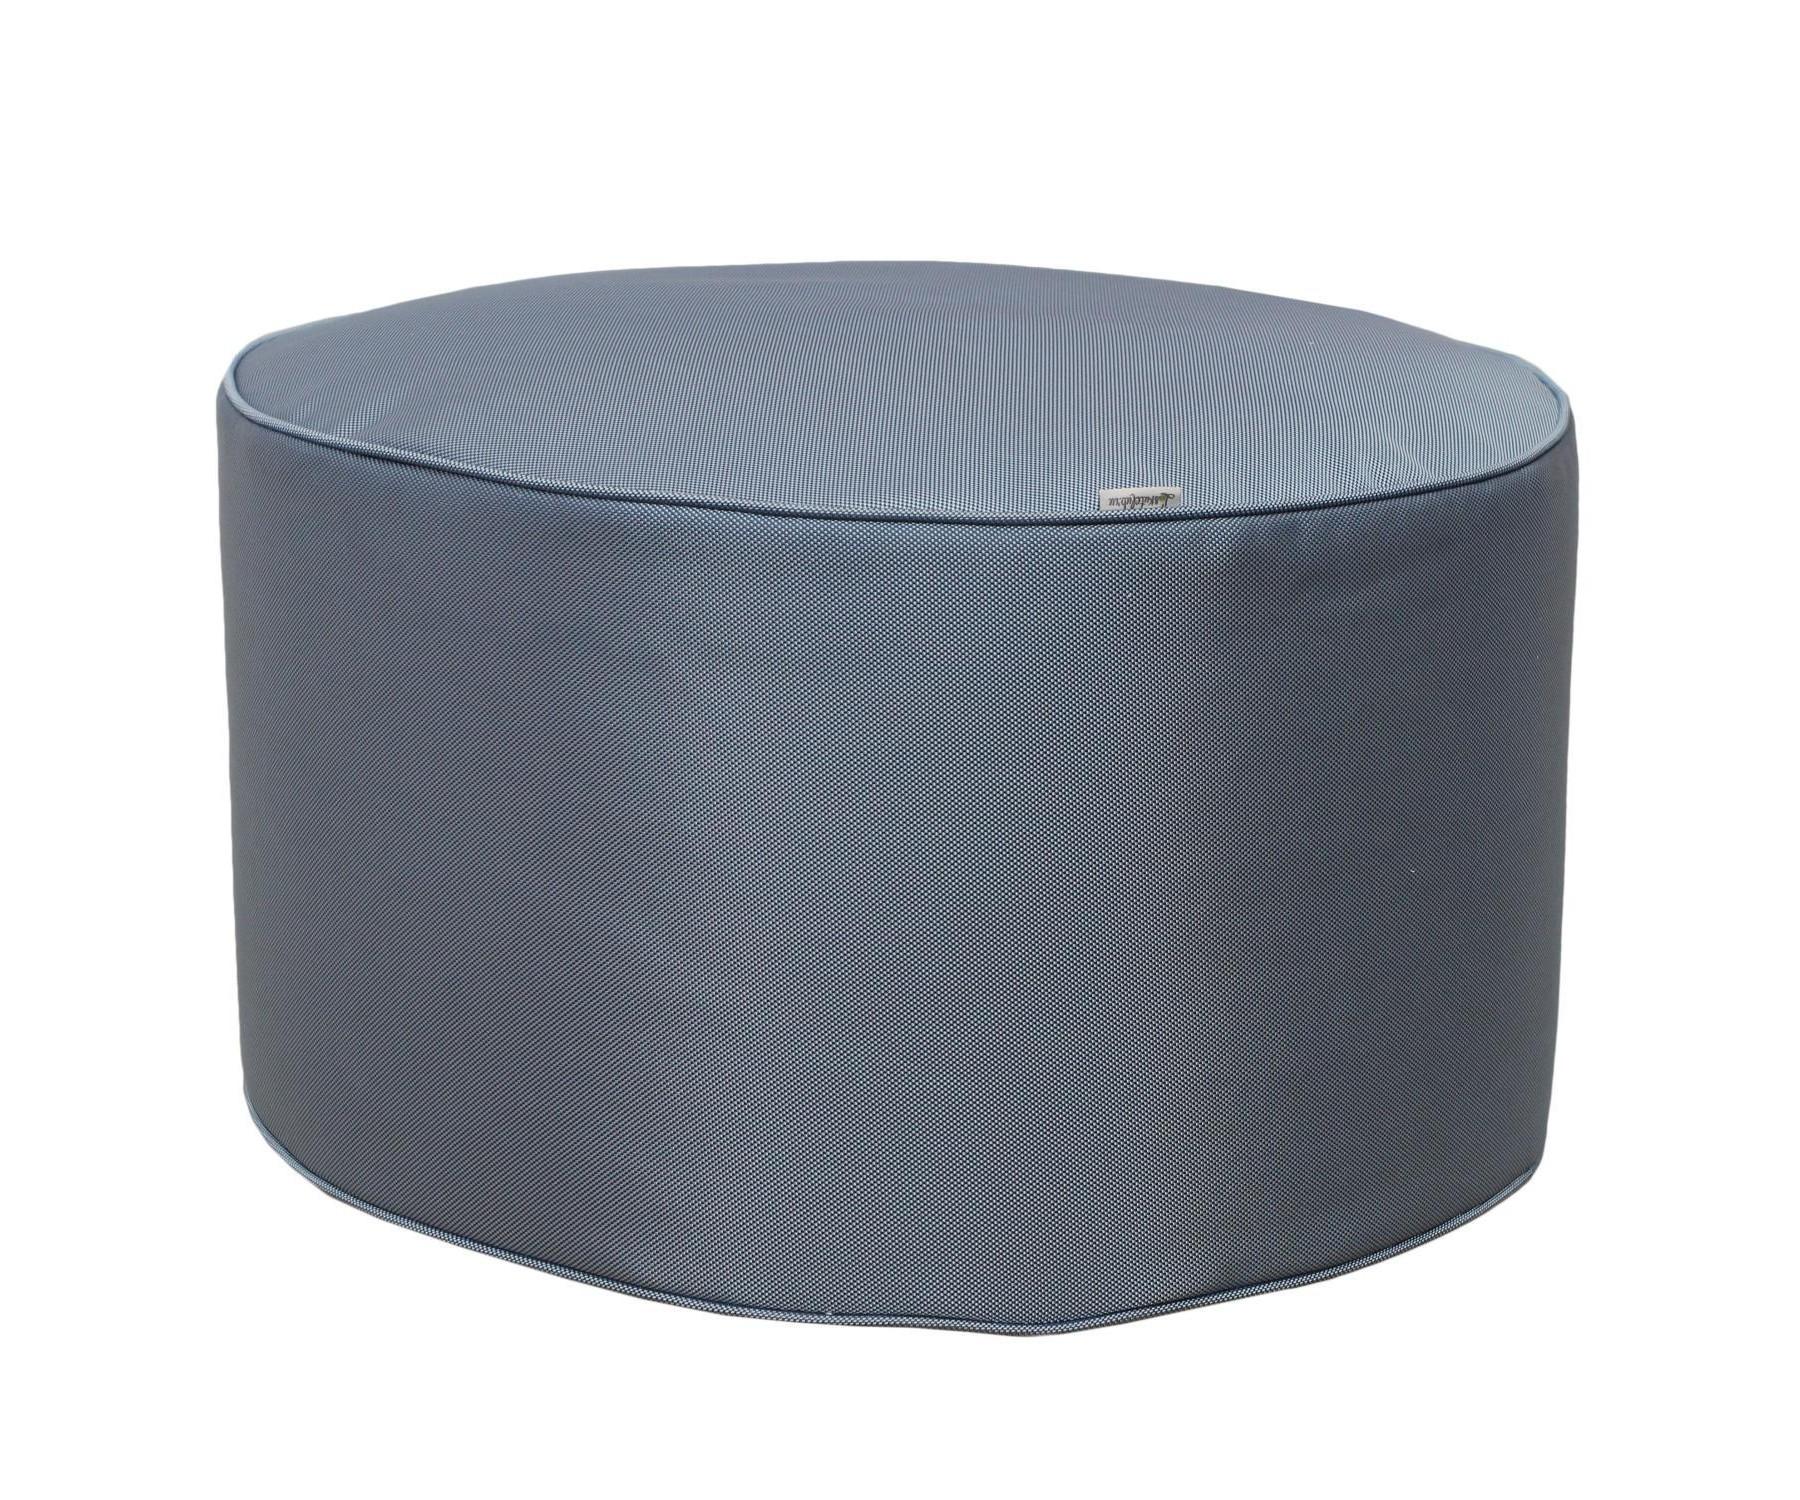 Круглый пуф Sky BlueФорменные пуфы<br>Этот круглый пуф необыкновенно легок (900 гр) и функционален. Пуф сшит из очень плотной ткани с водооталкивающим покрытием с внешней стороны, поэтому идеально подойтет для уличного декора.При загрязнении его достаточно протереть мокрой салфеткой.<br><br>Material: Текстиль<br>Height см: 30<br>Diameter см: 55